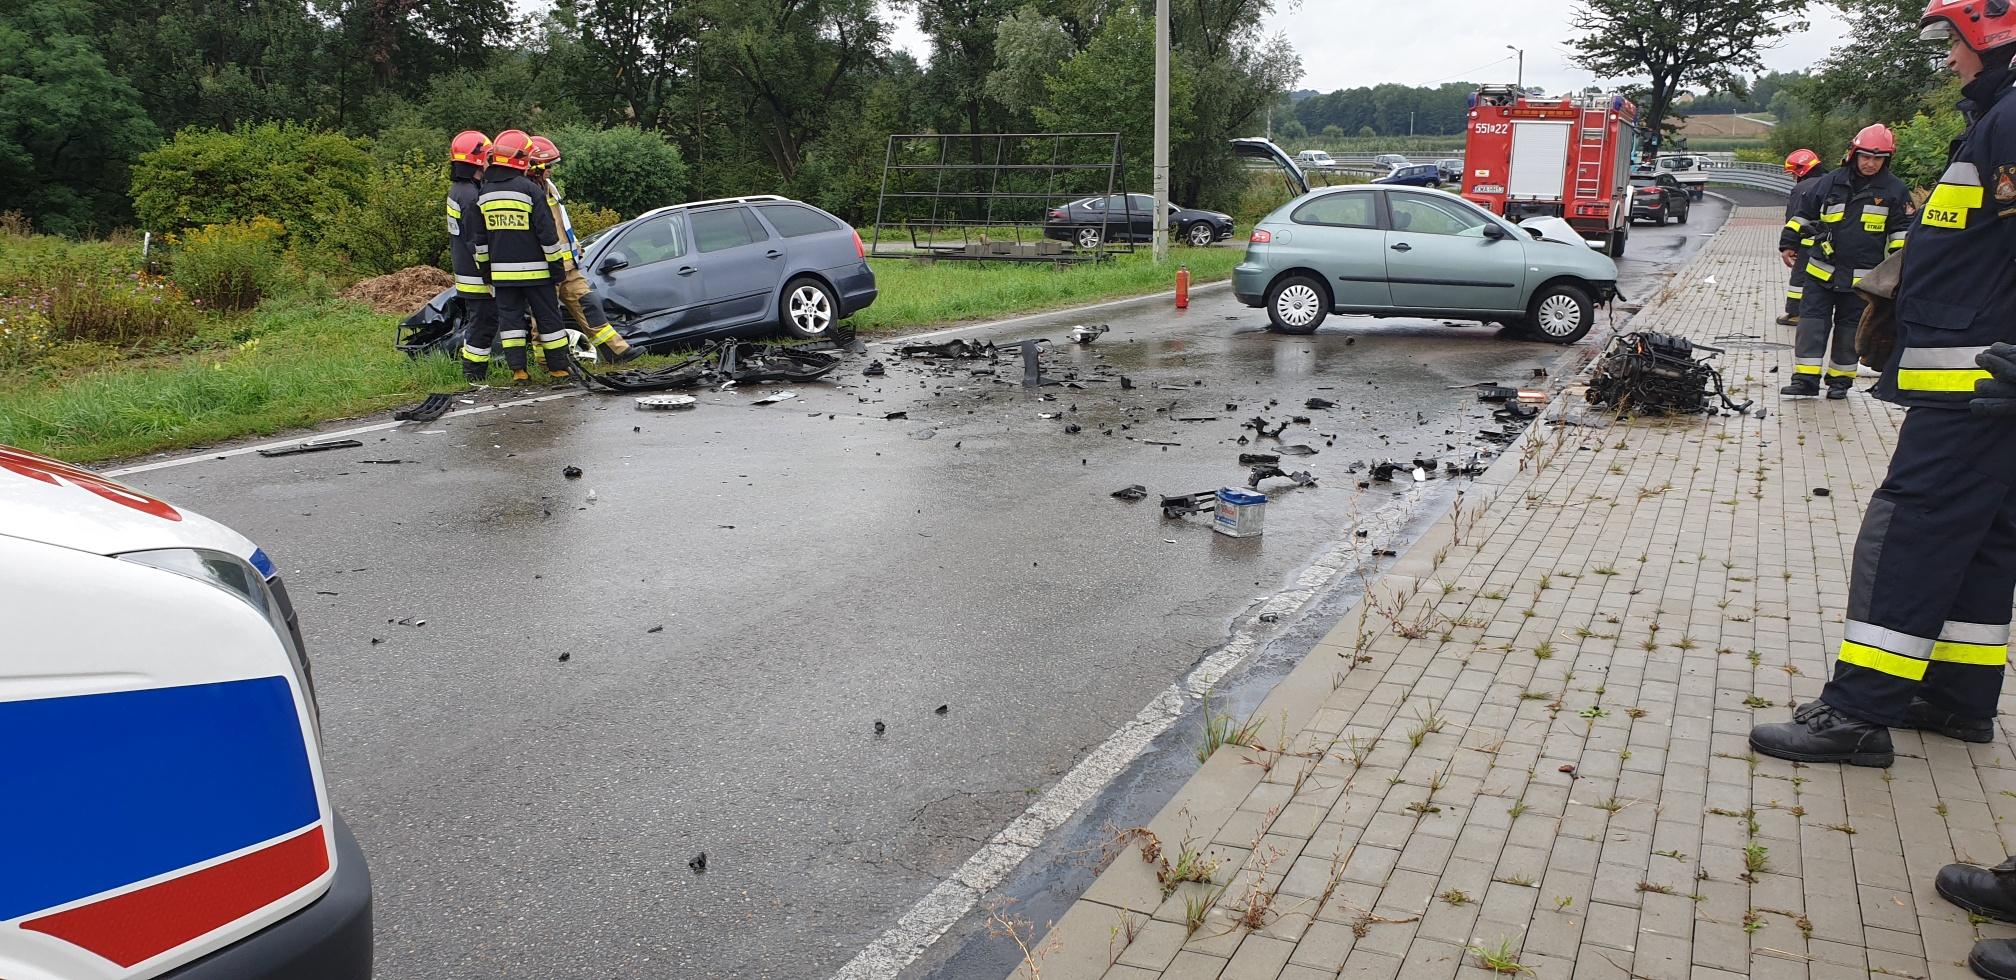 Są poszkodowane osoby w zdarzeniu drogowym na łuku drogi [FOTO] [AKTUALIZACJA]